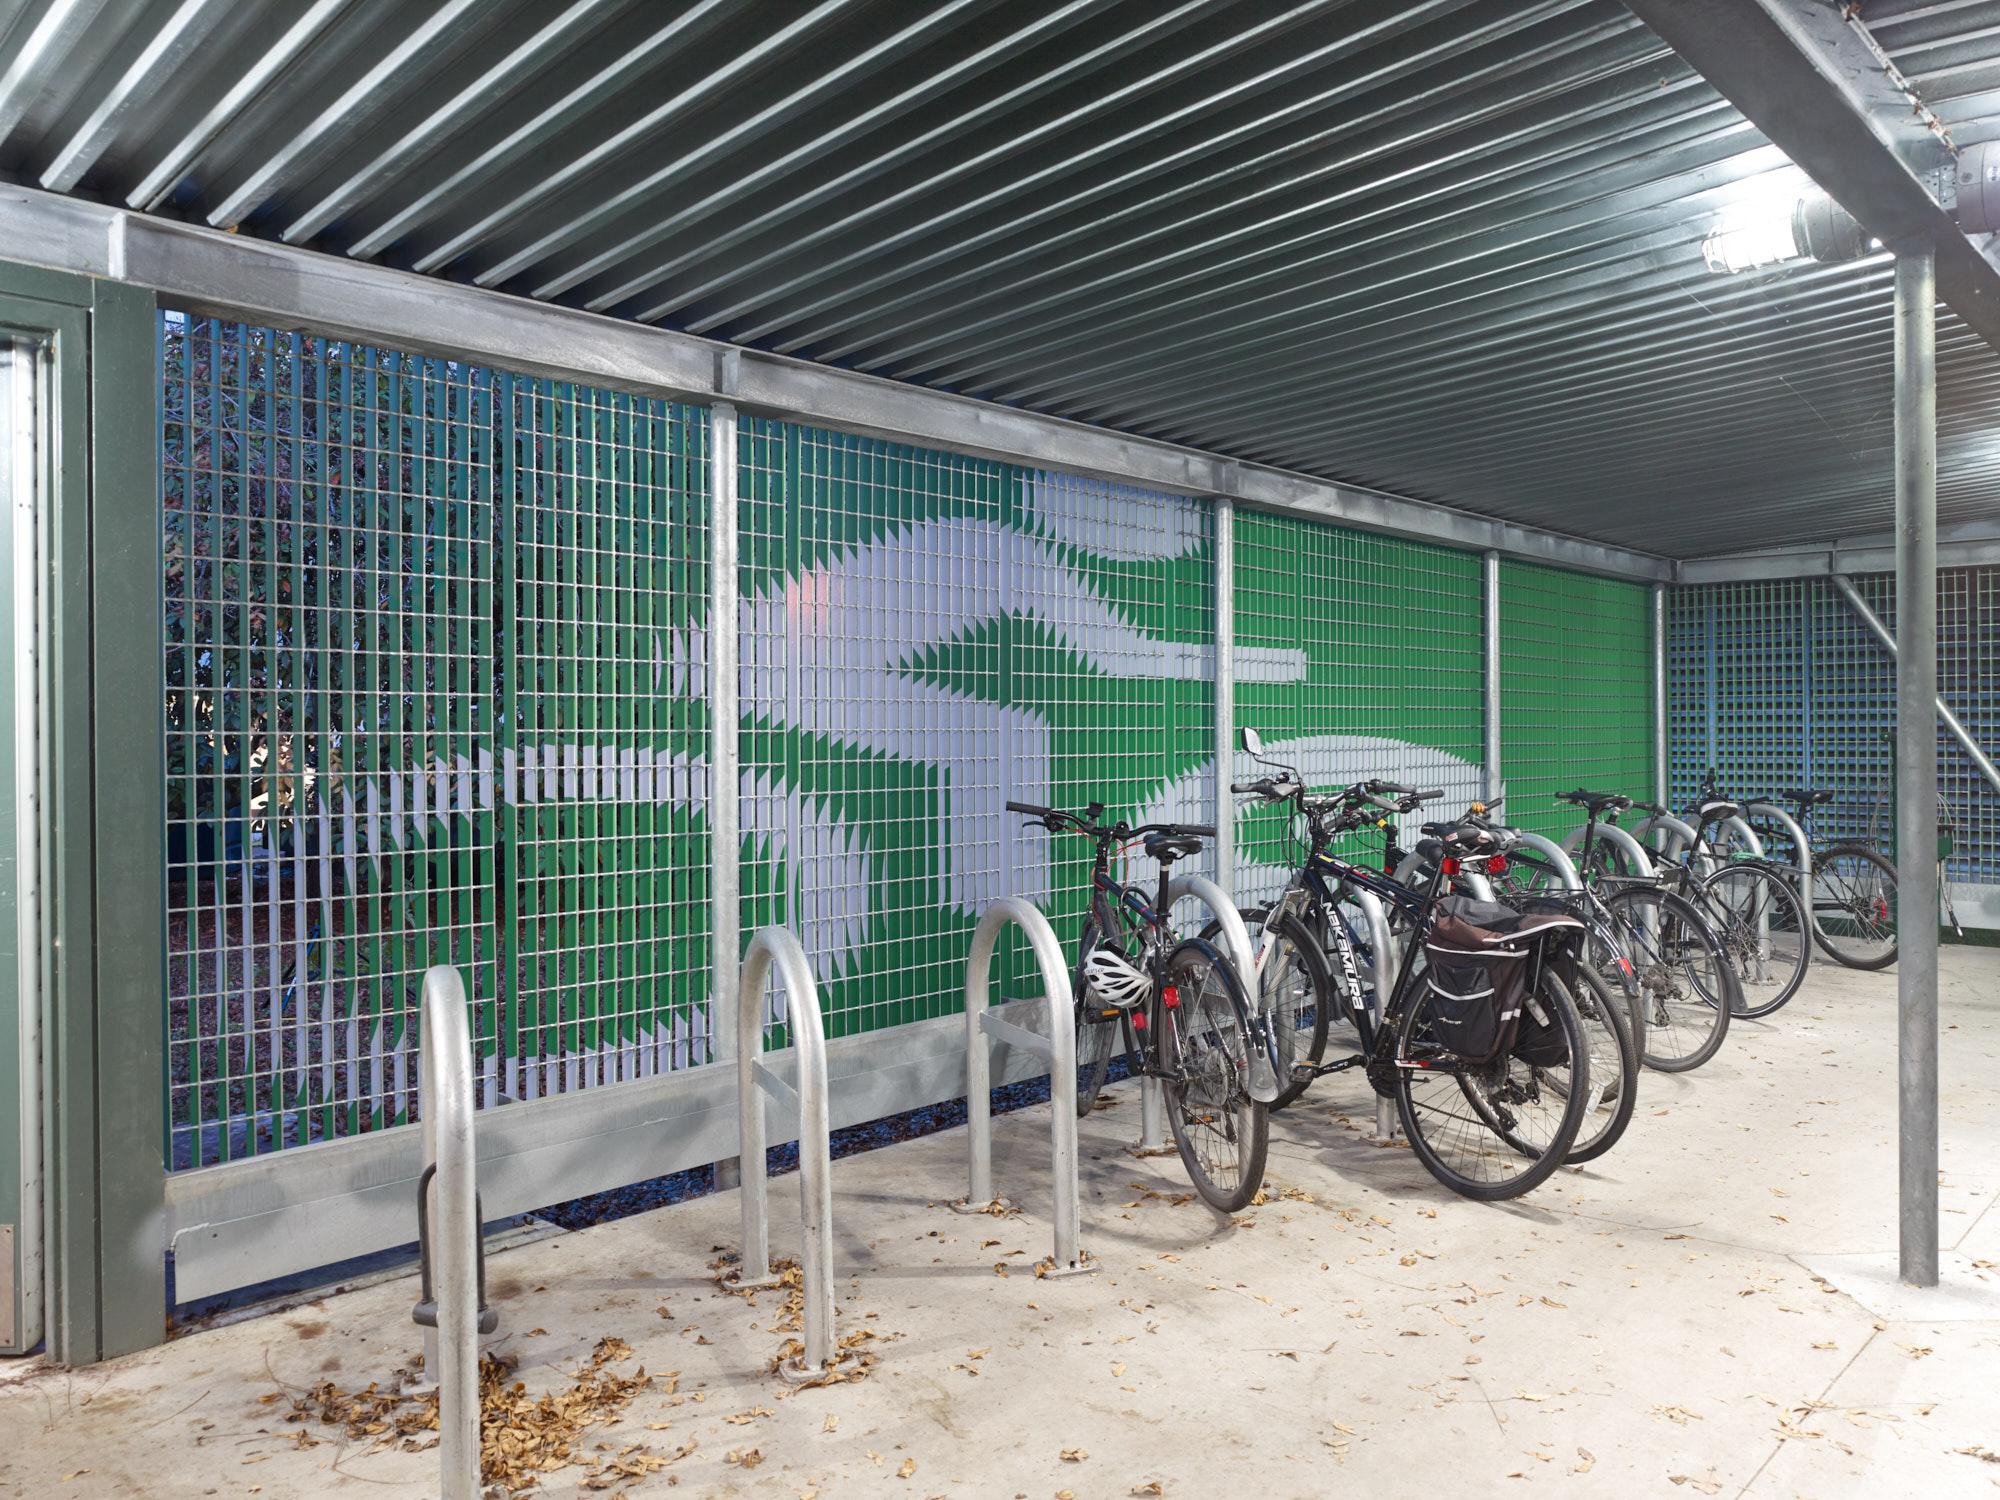 bca-bikeubc31678.jpg